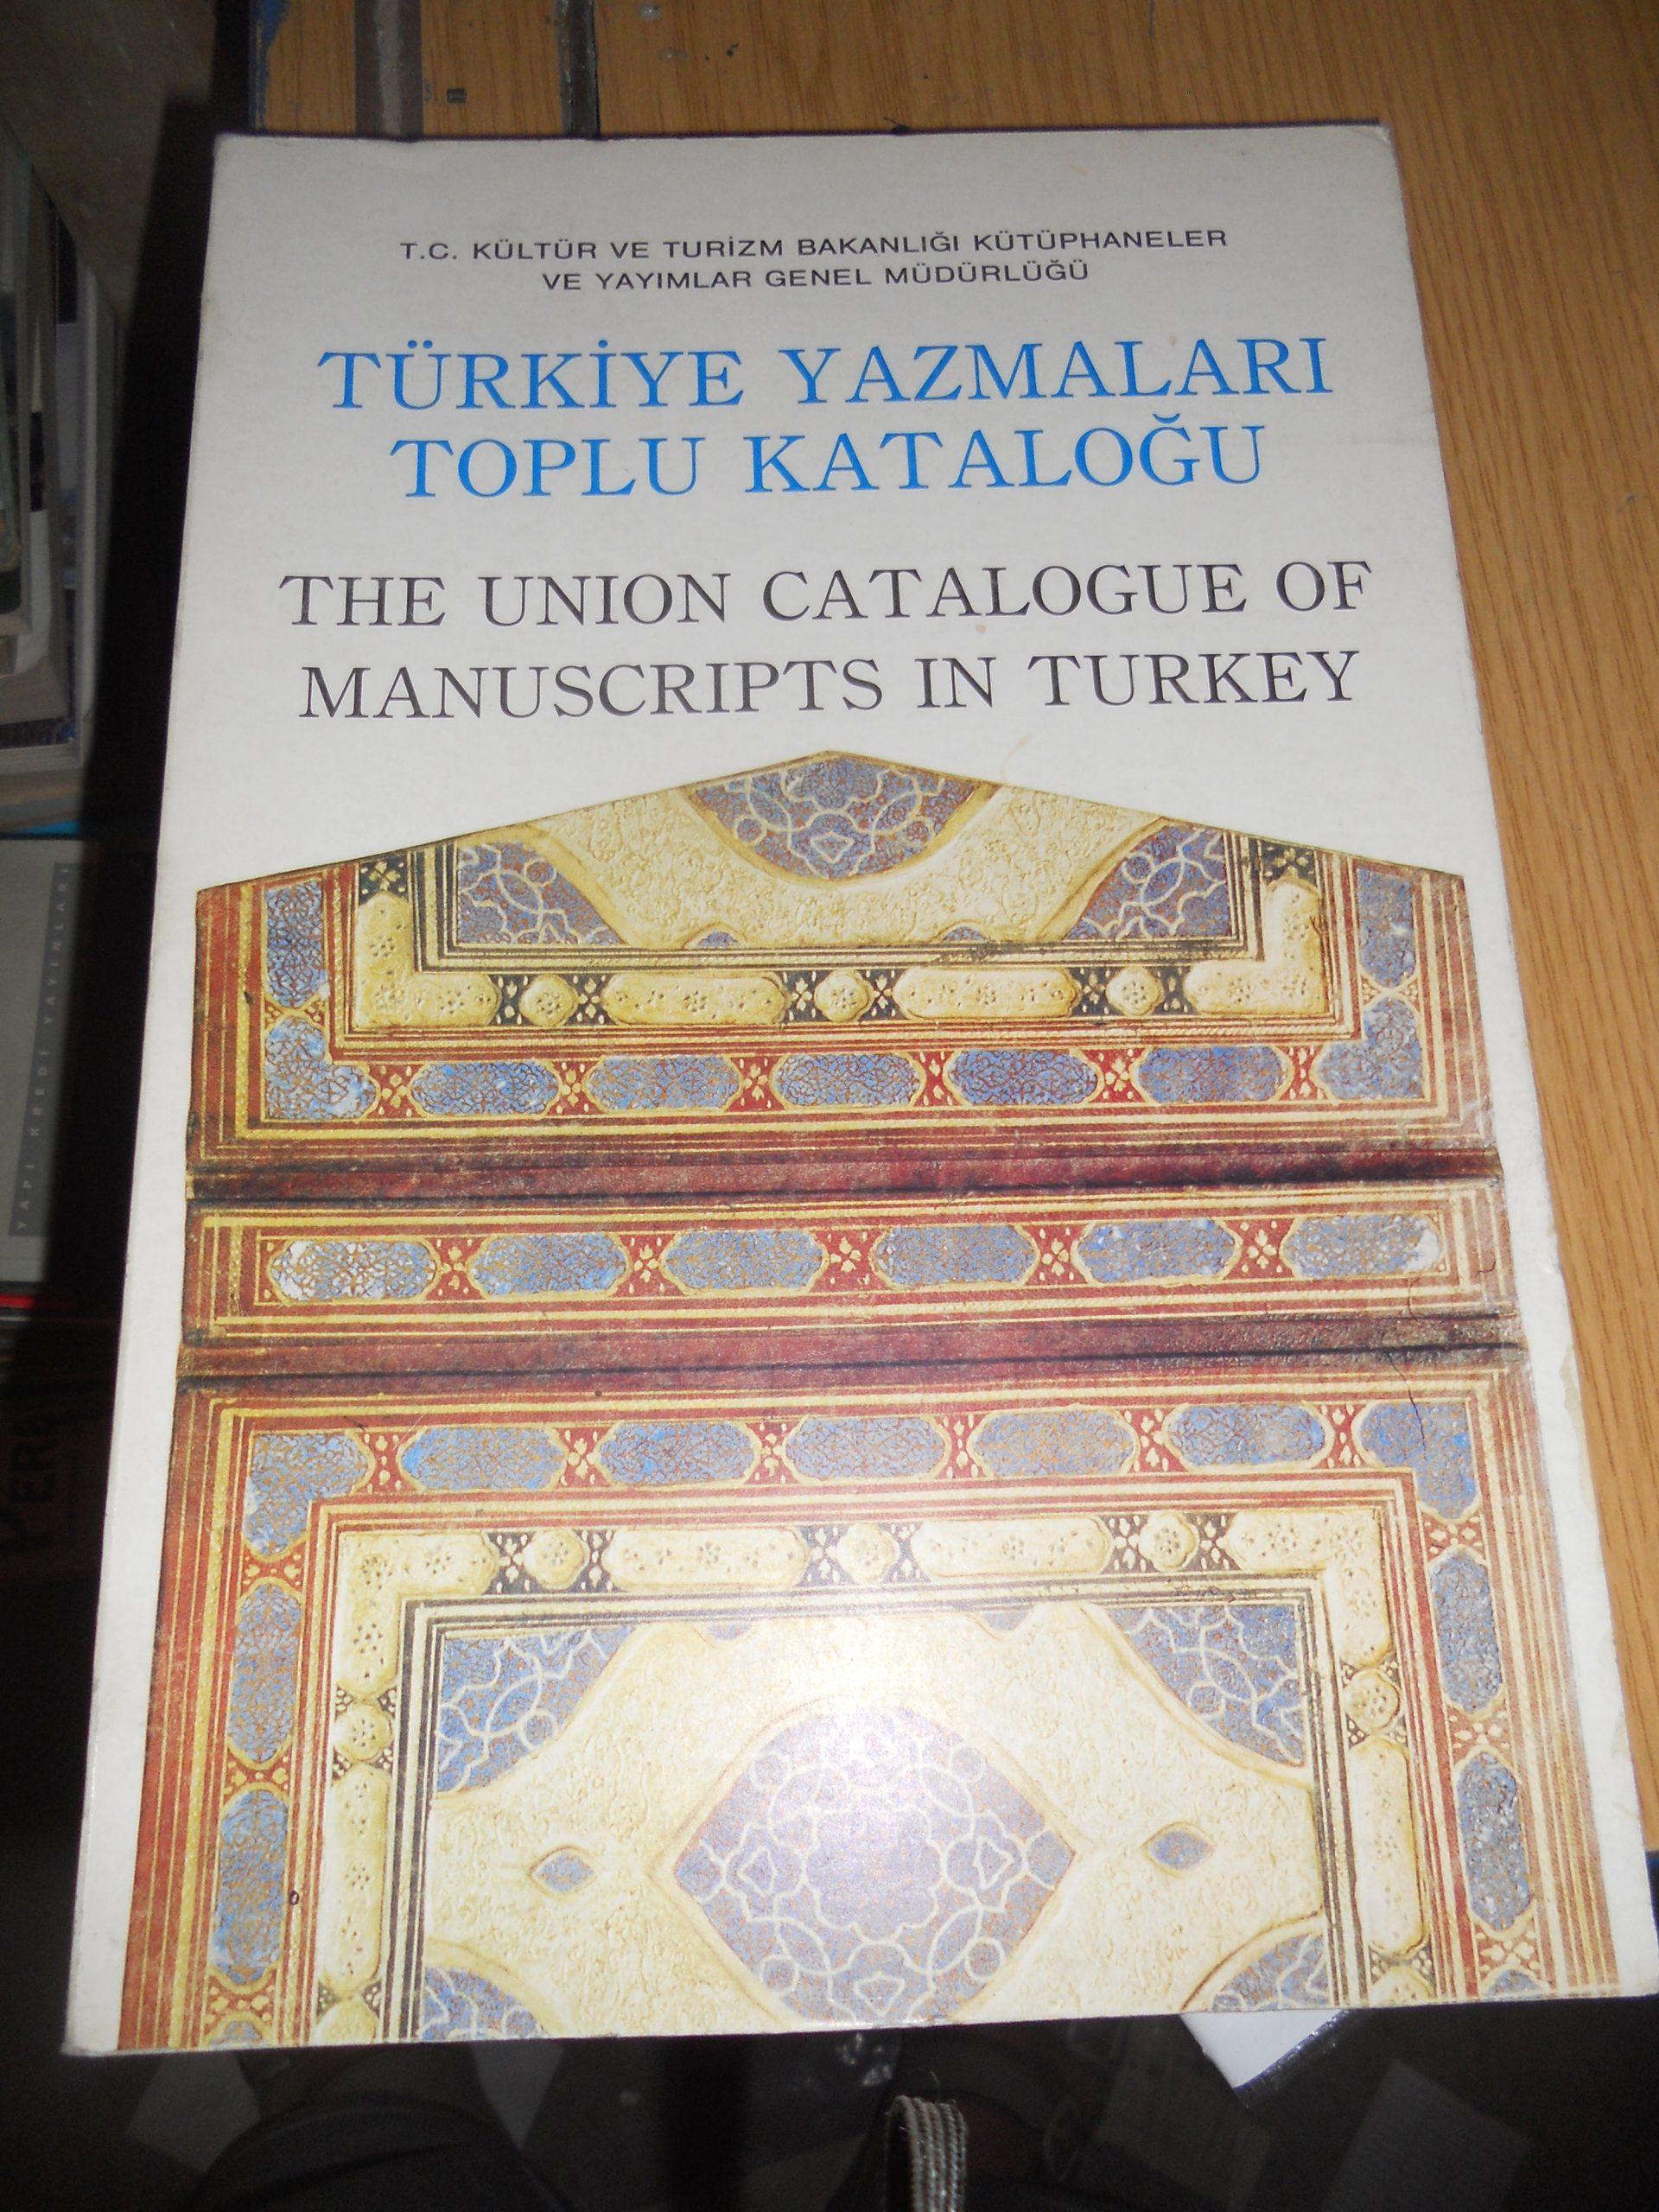 TÜRKİYE YAZMALARI TOPLU KATALOĞU(THE UNION CATALOGUE OF MANUSCRIPTS IN TURKEY) 25 TL